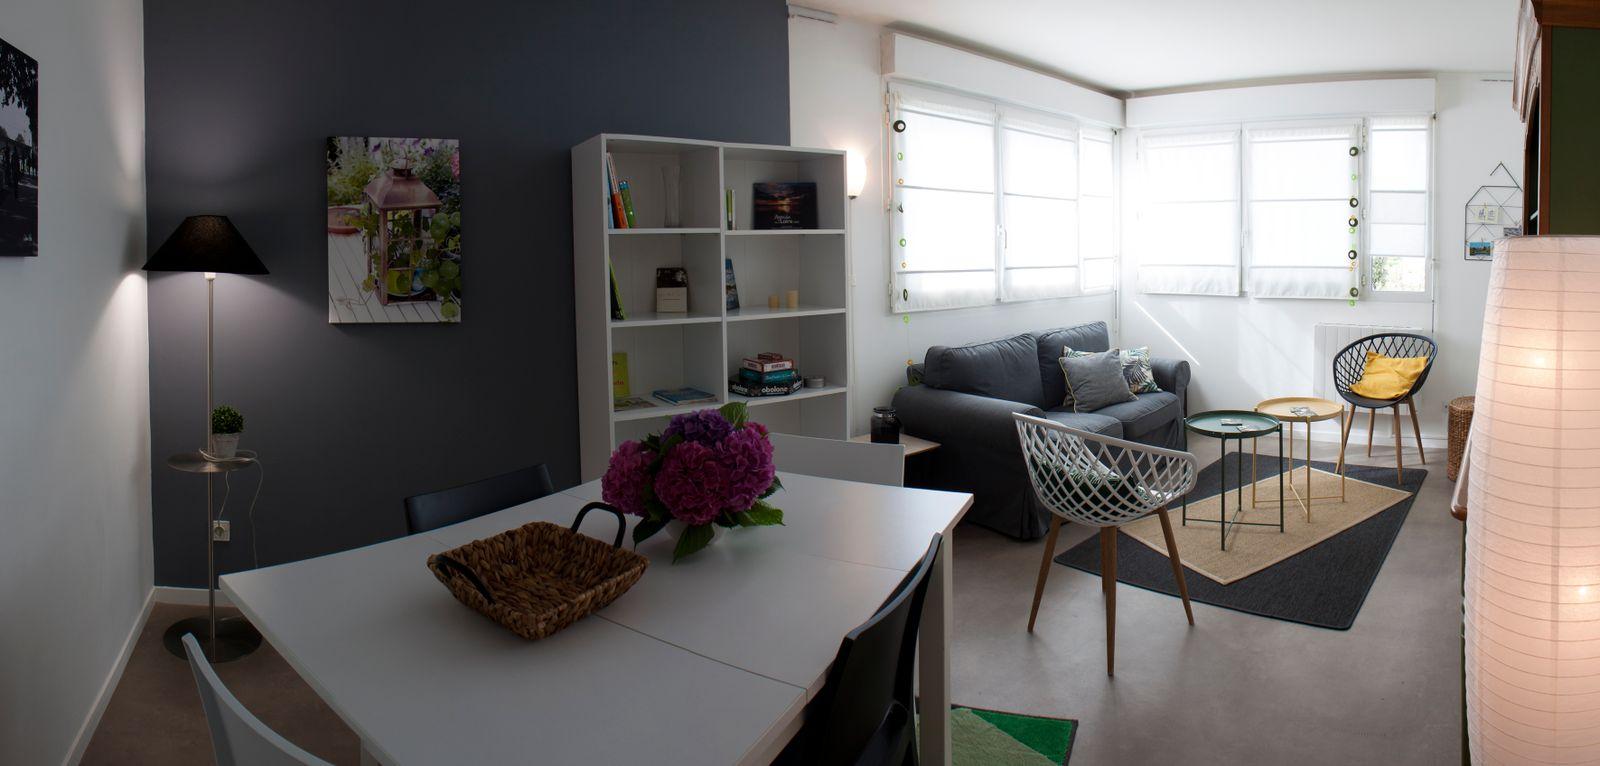 espace salon / salle à manger